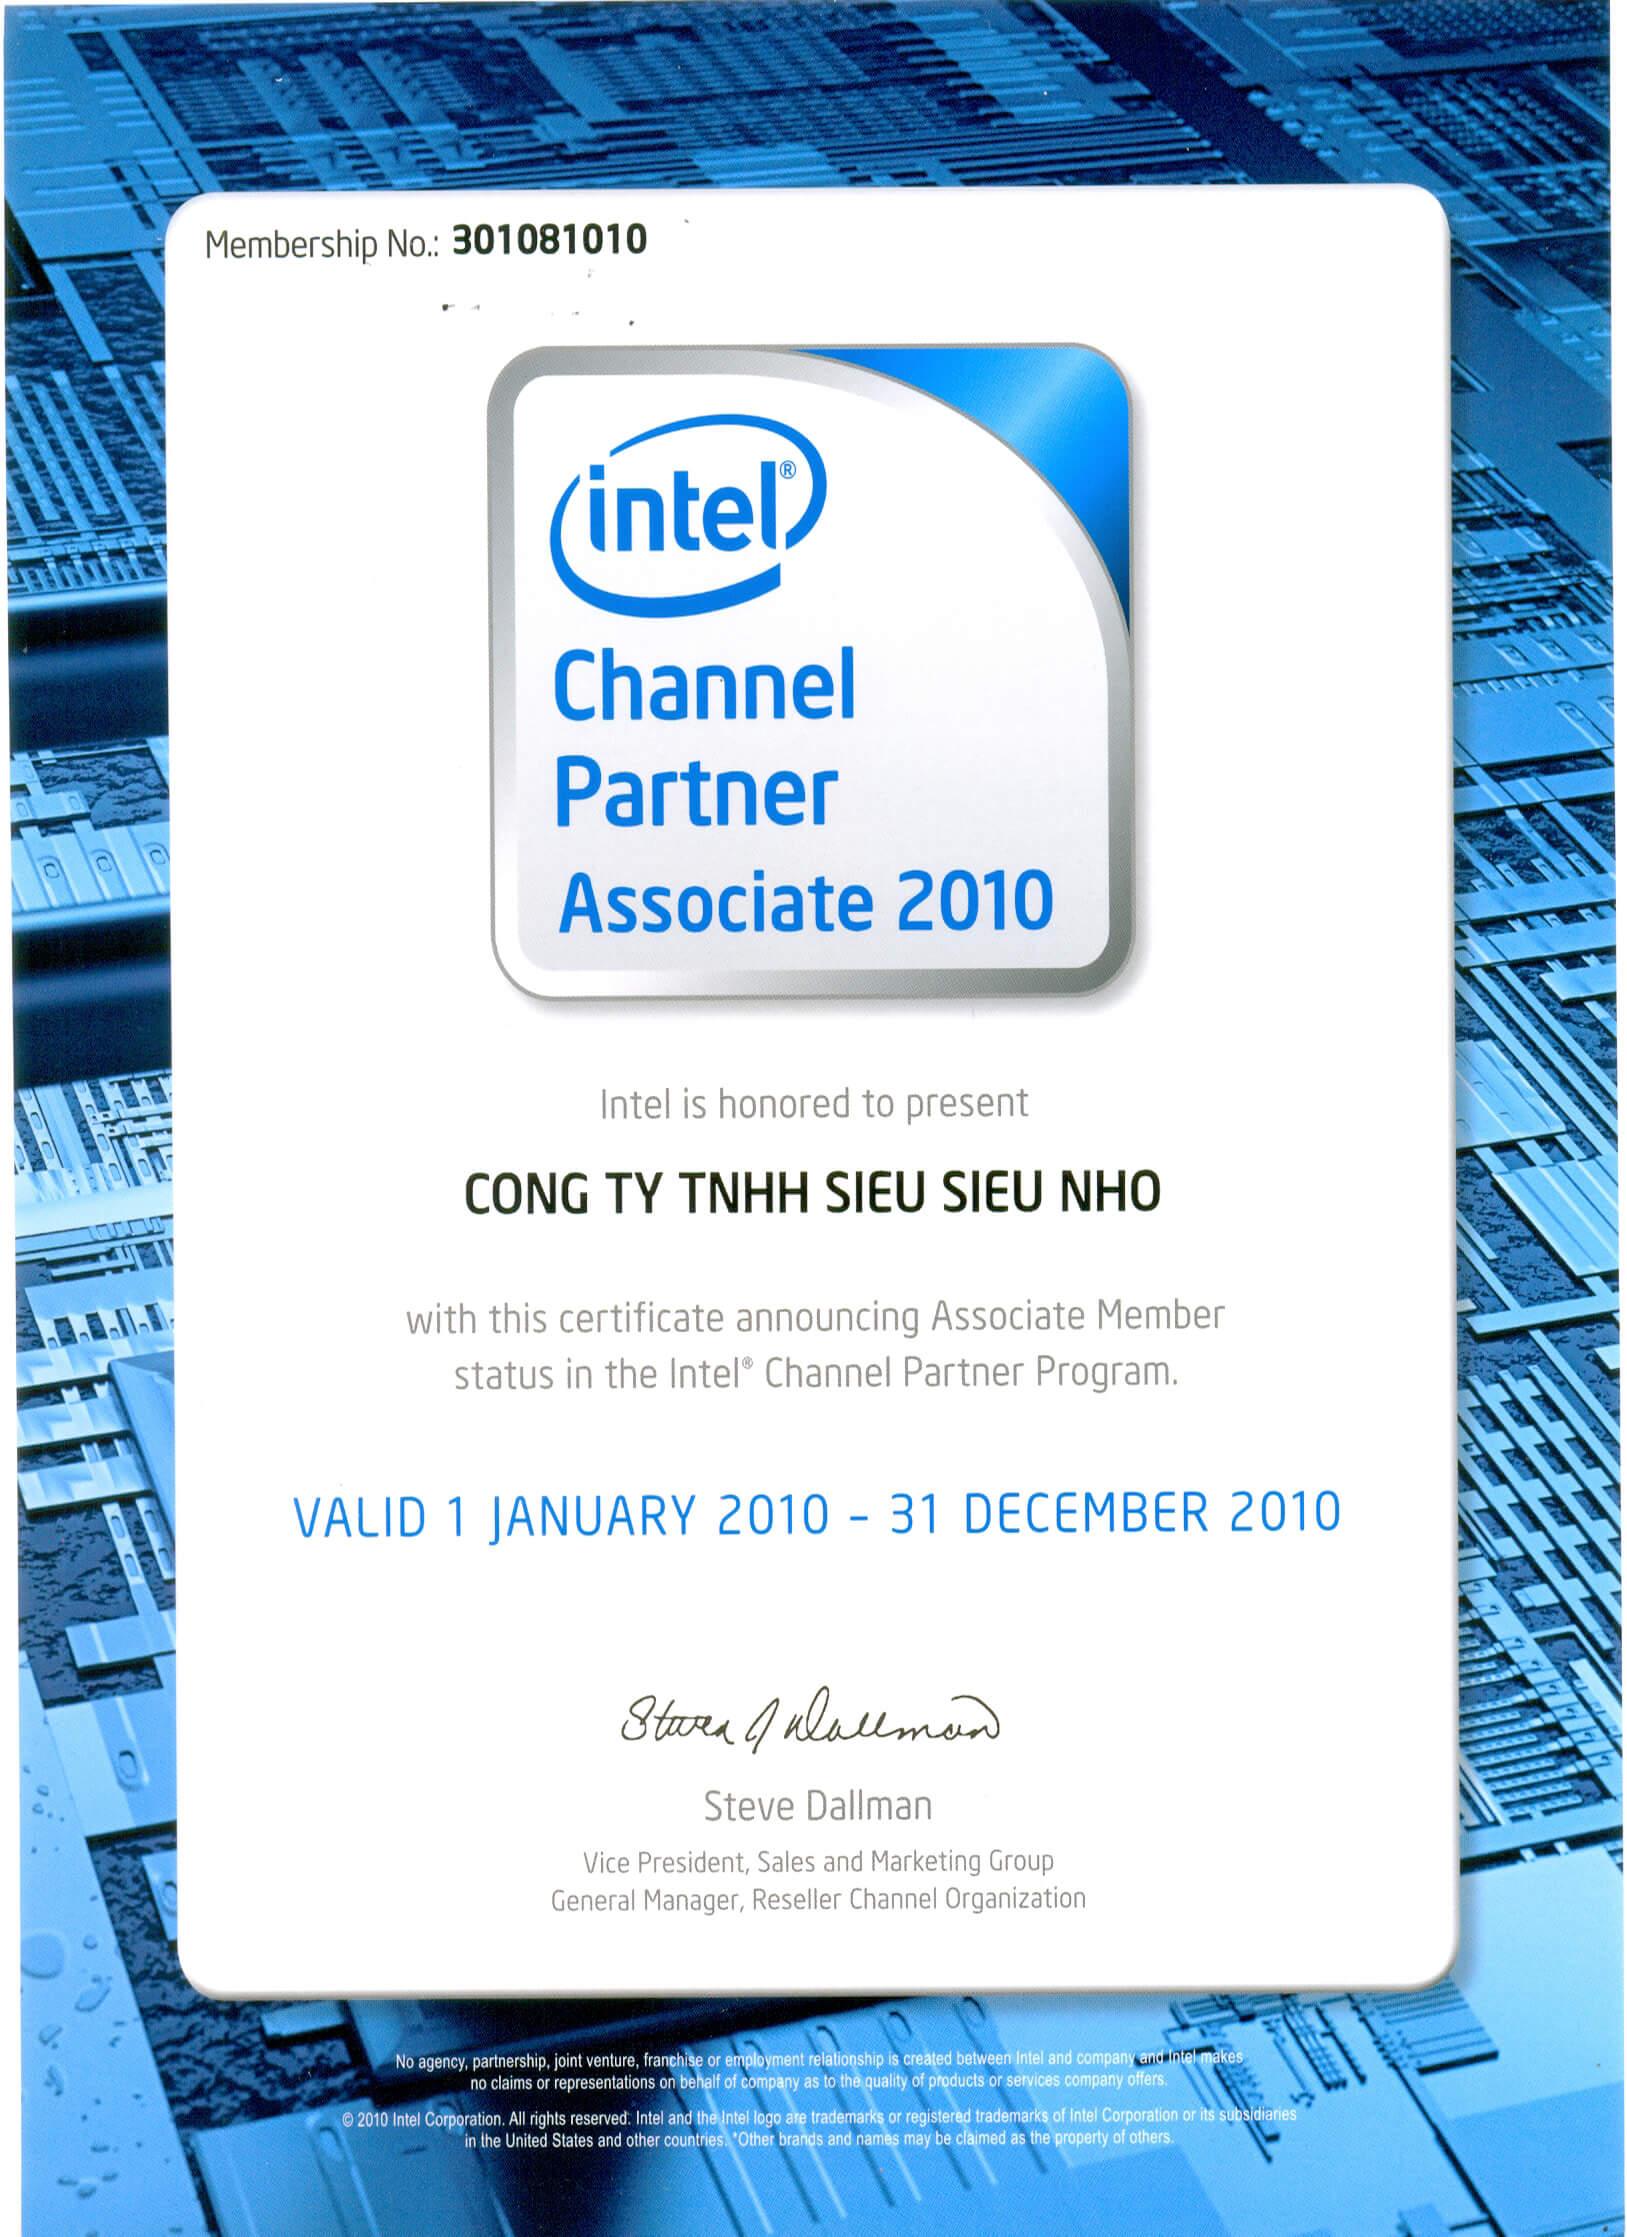 Chứng nhận là Chanel Partner associate 2010